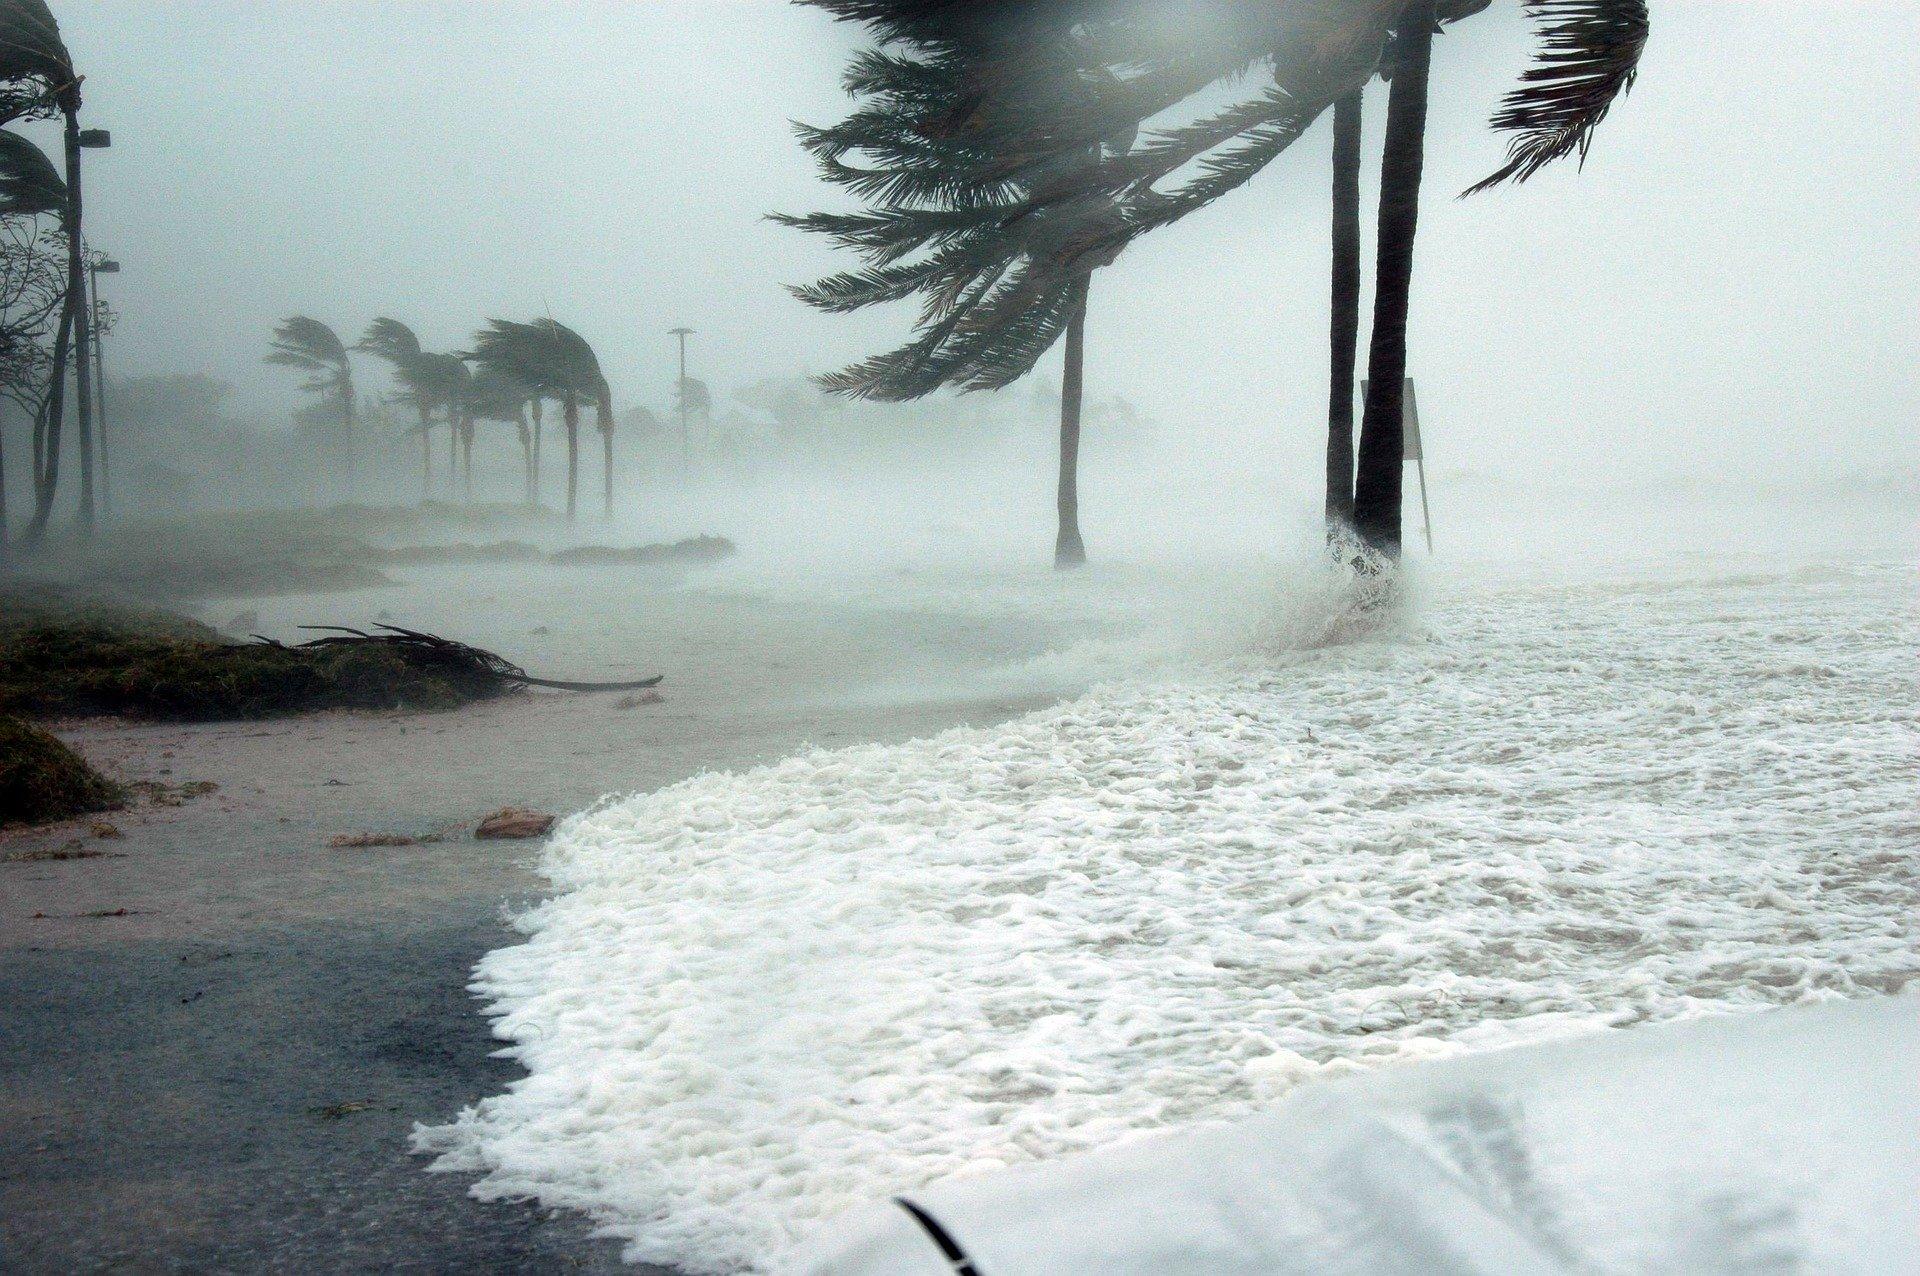 Foto de fuertes vientos en una isla del Caribe